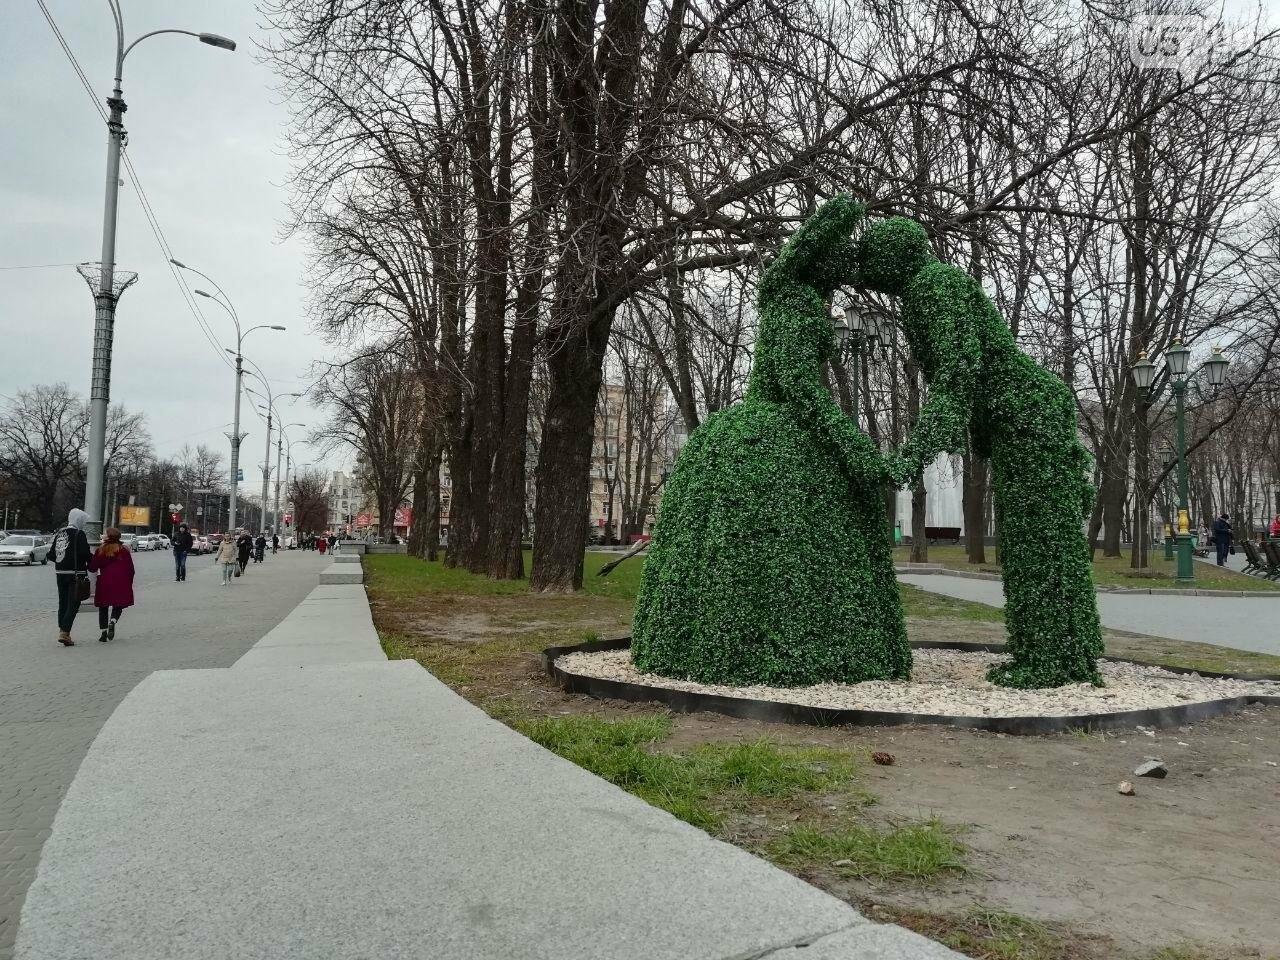 Диван из зелени и волшебный эльф: ТОП-10 локаций Харькова для весенних селфи, - ФОТО, фото-5